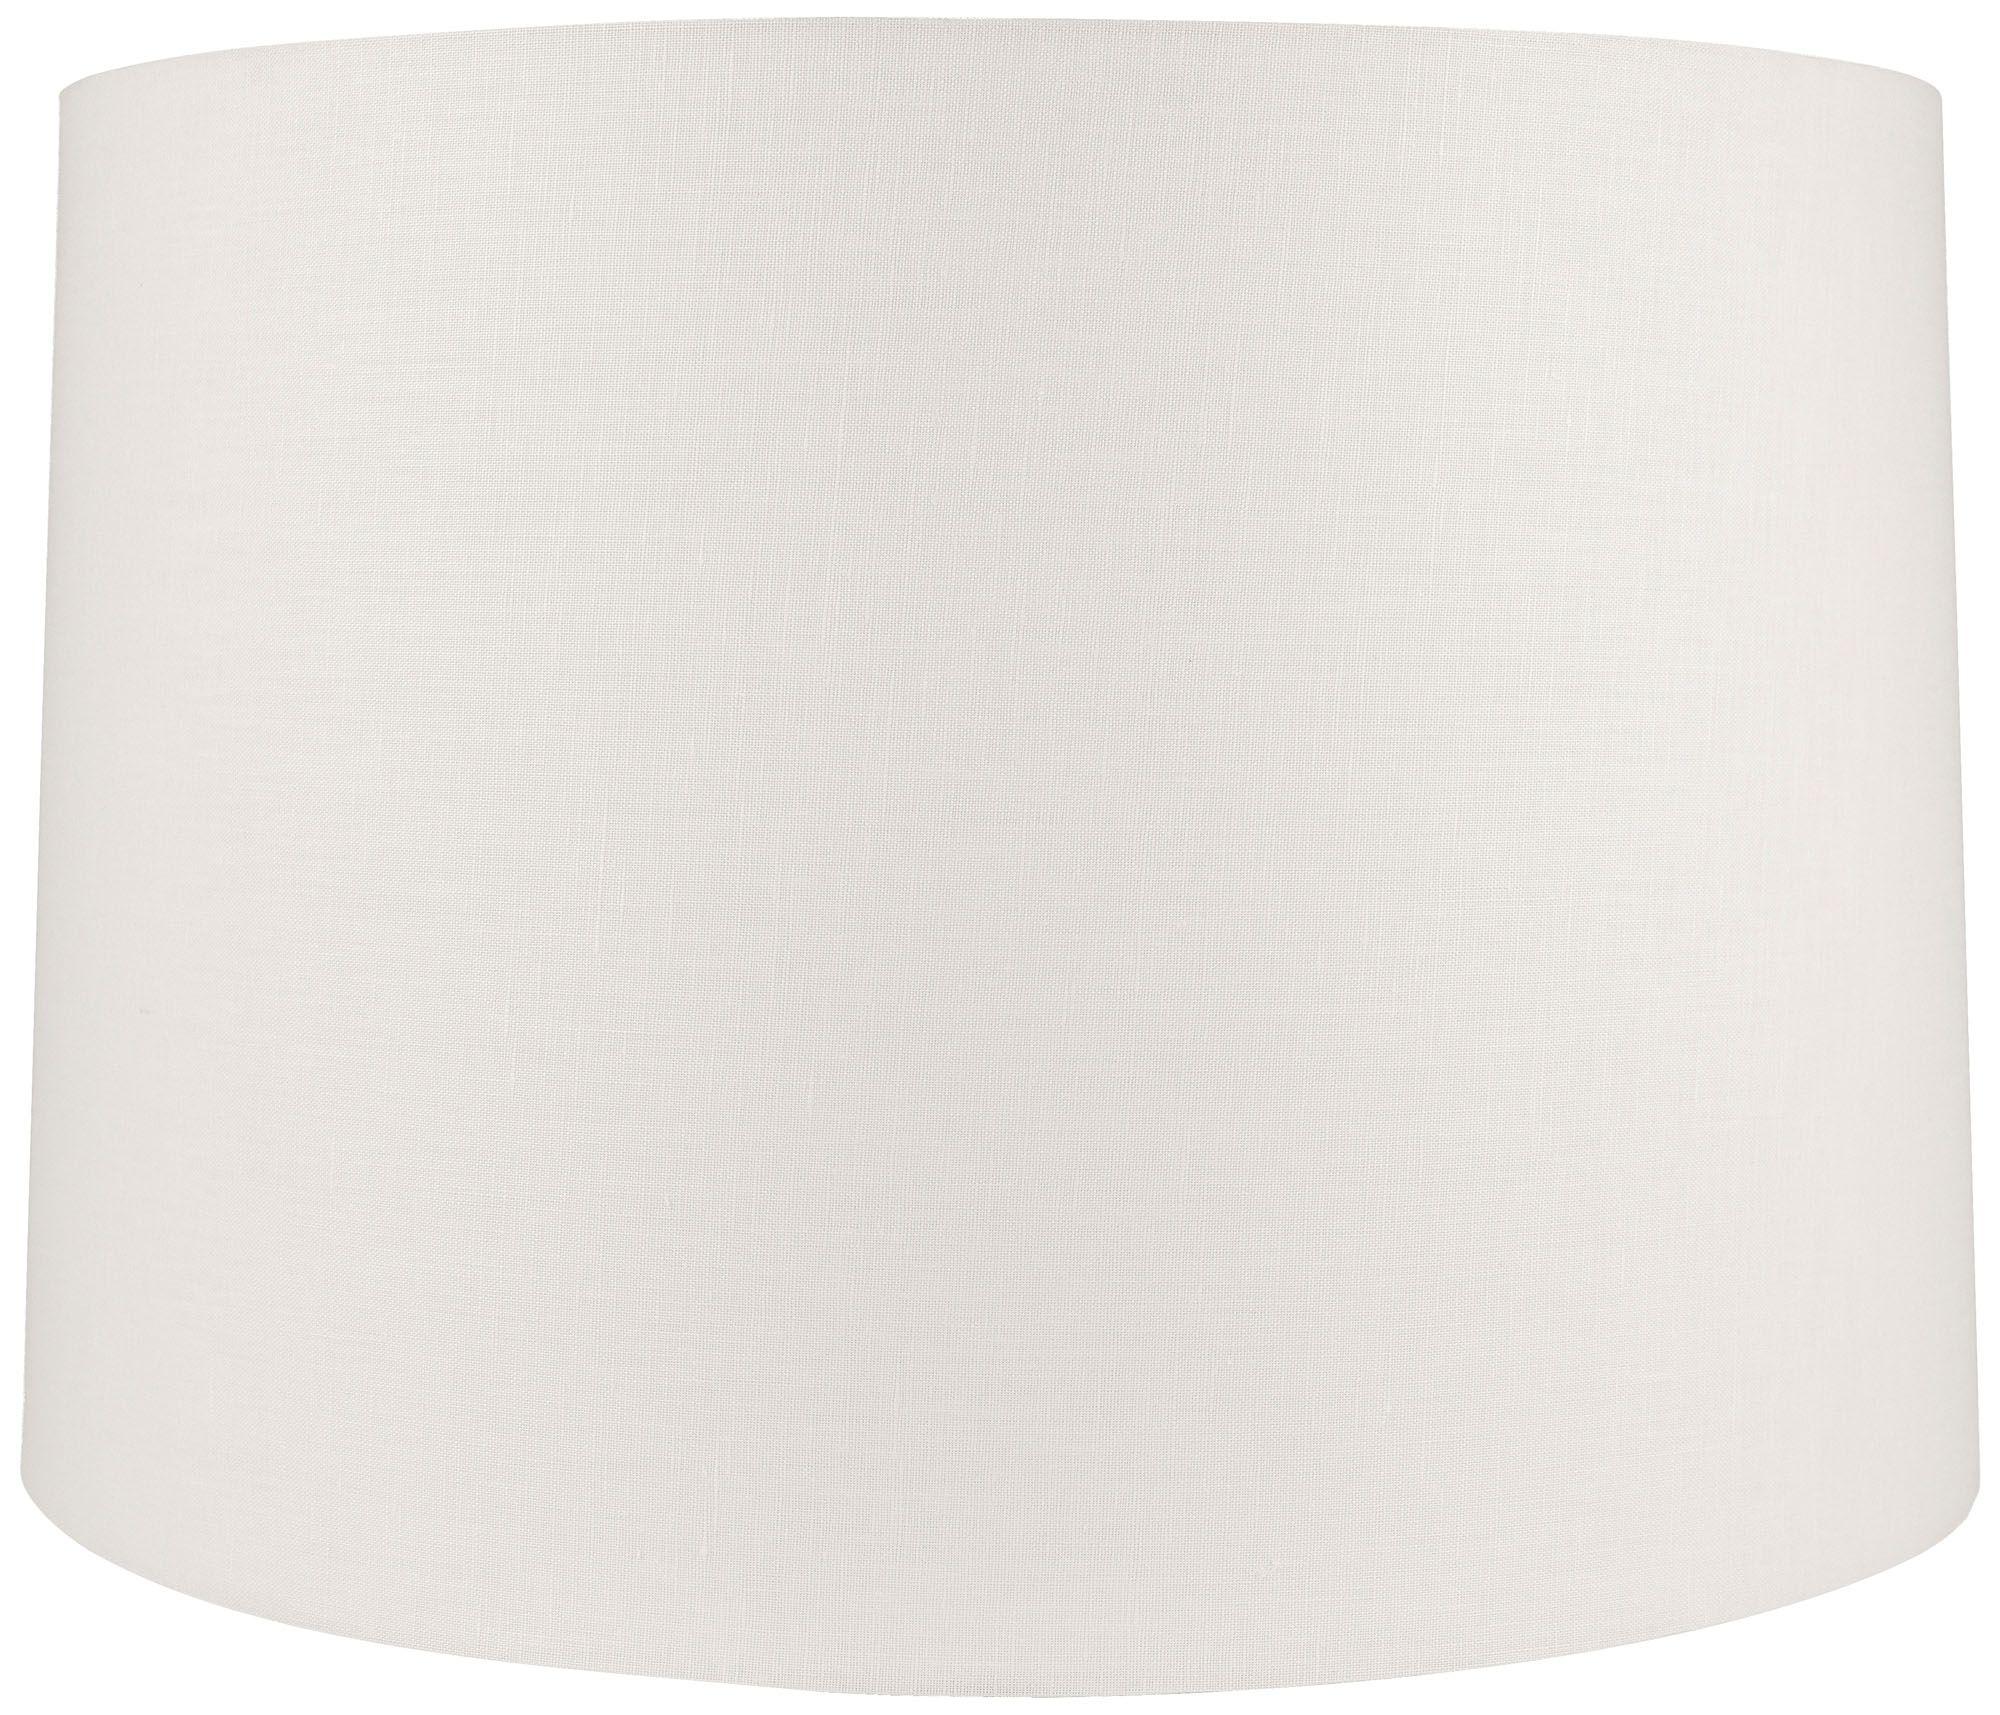 white linen round hardback drum shade 16x17x115 spider